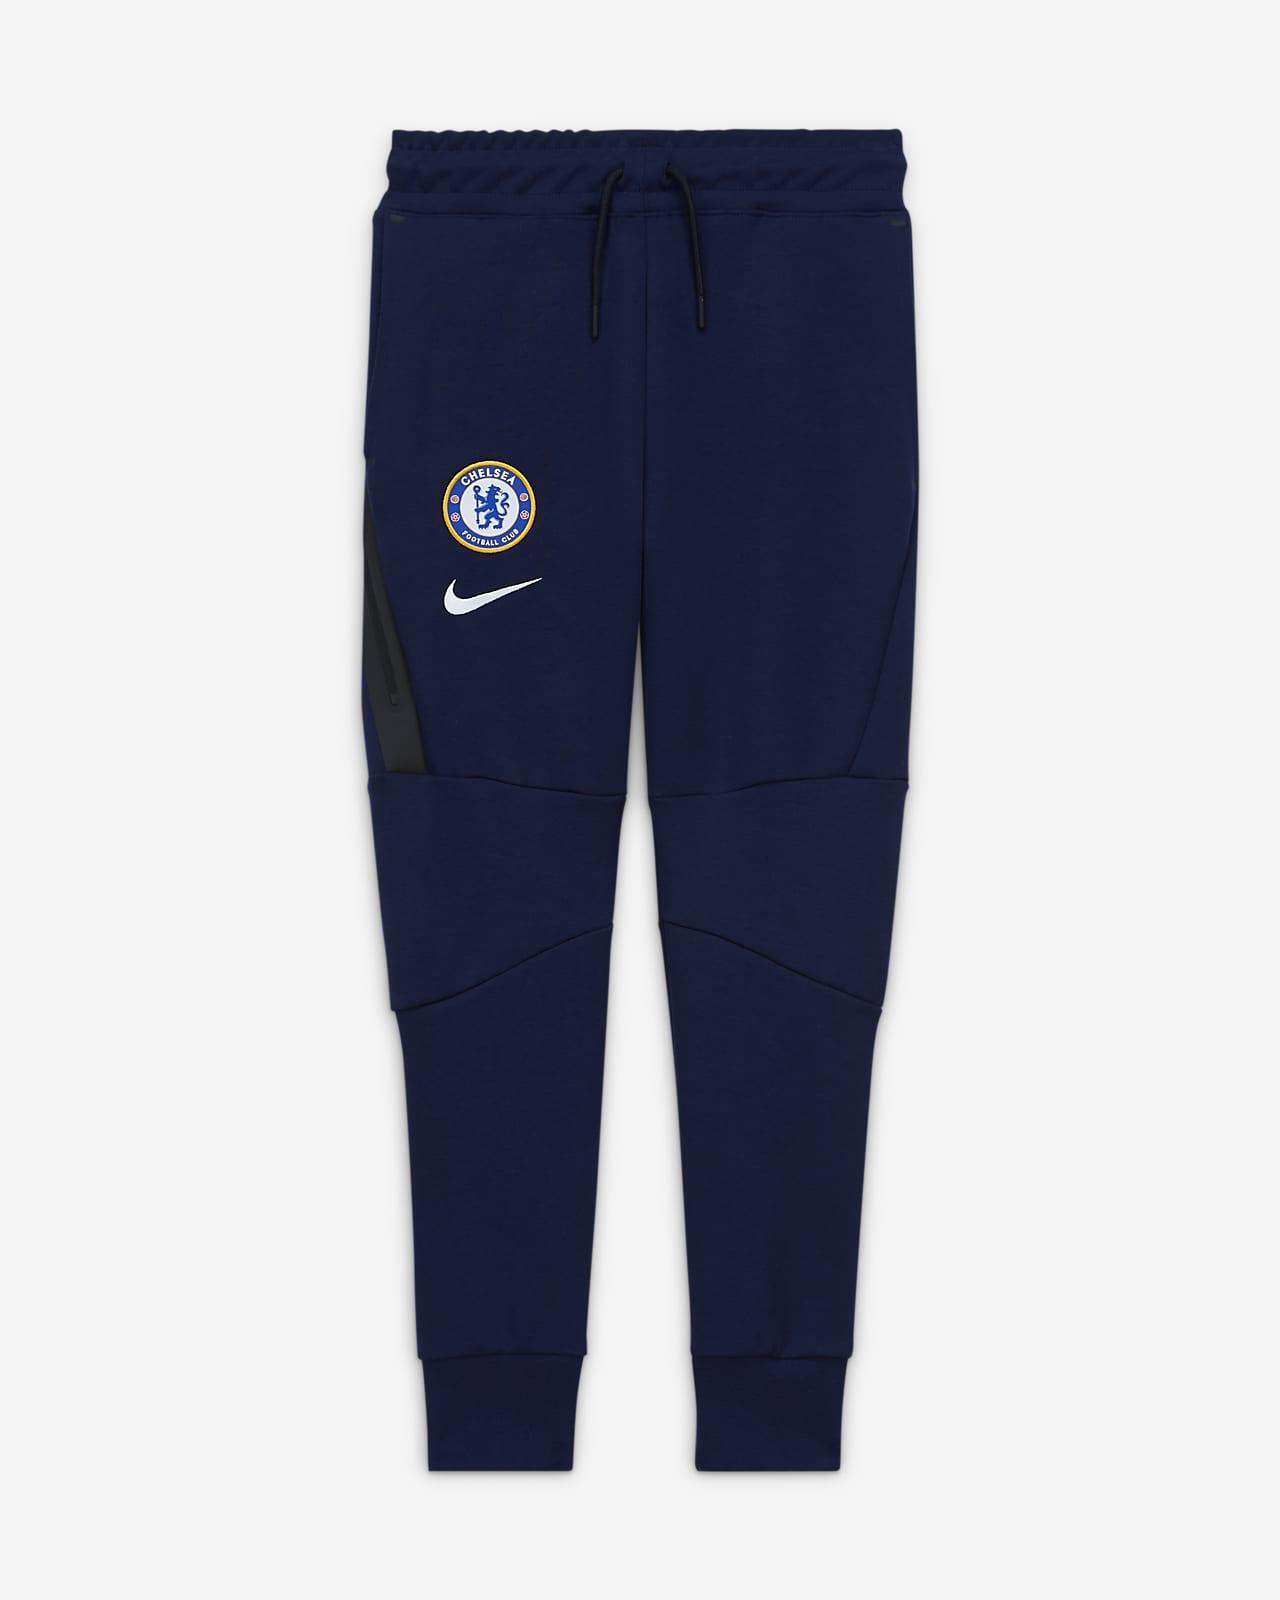 Chelsea F.C. Older Kids' Fleece Pants